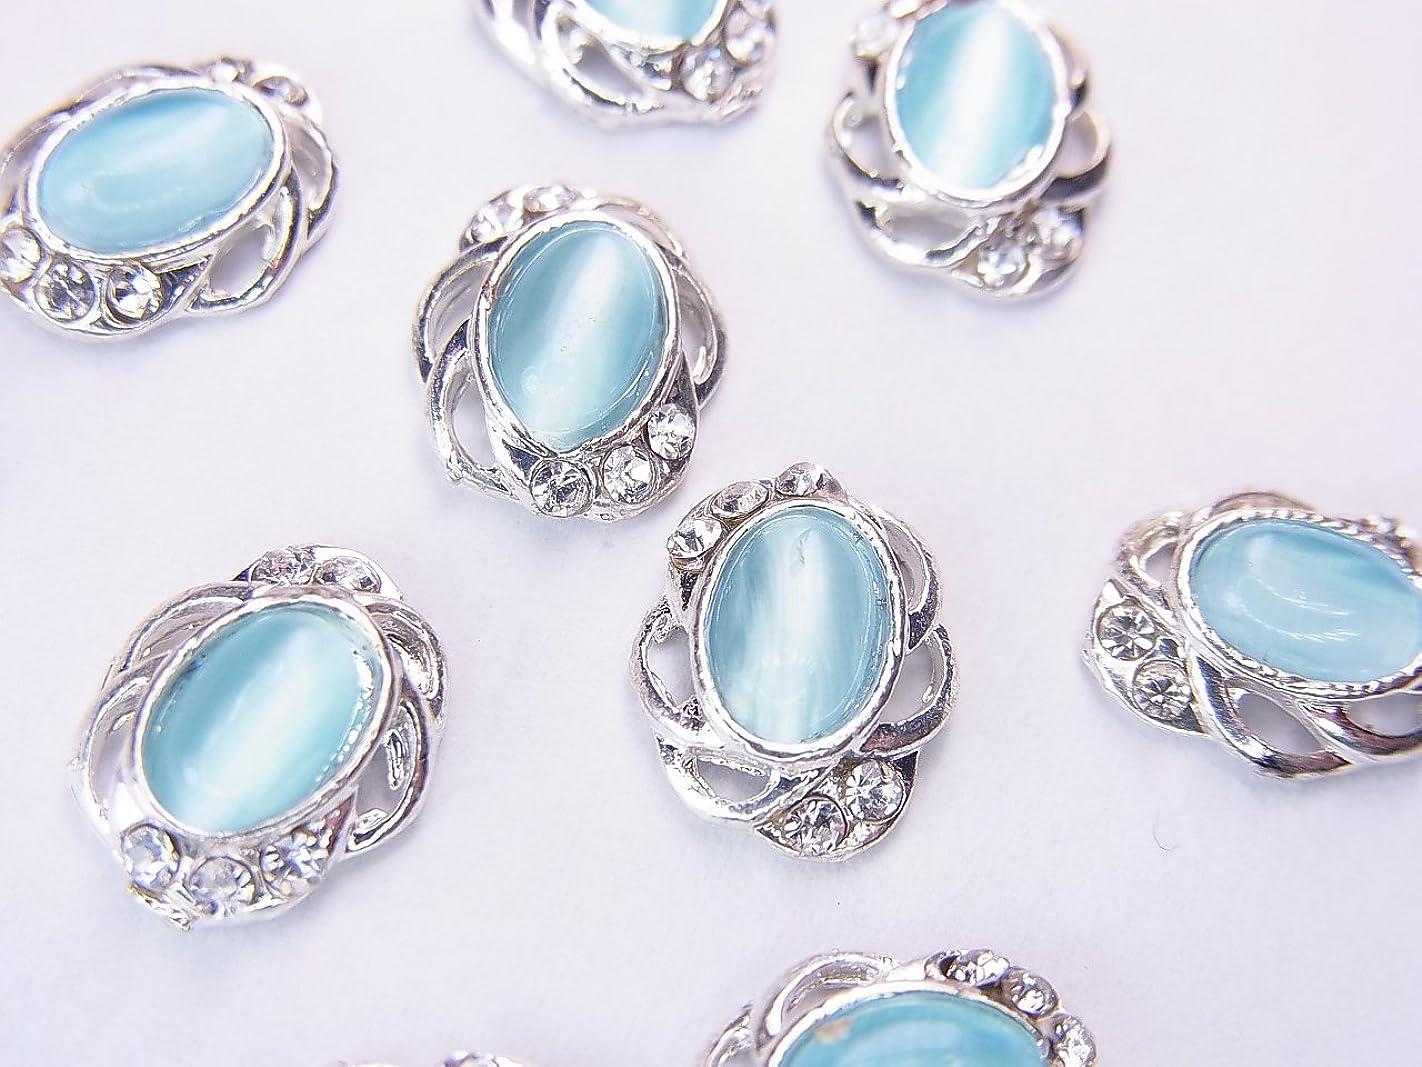 ご覧くださいモニカシンポジウム【jewel】ジュエリーネイル デコパーツ ブルー